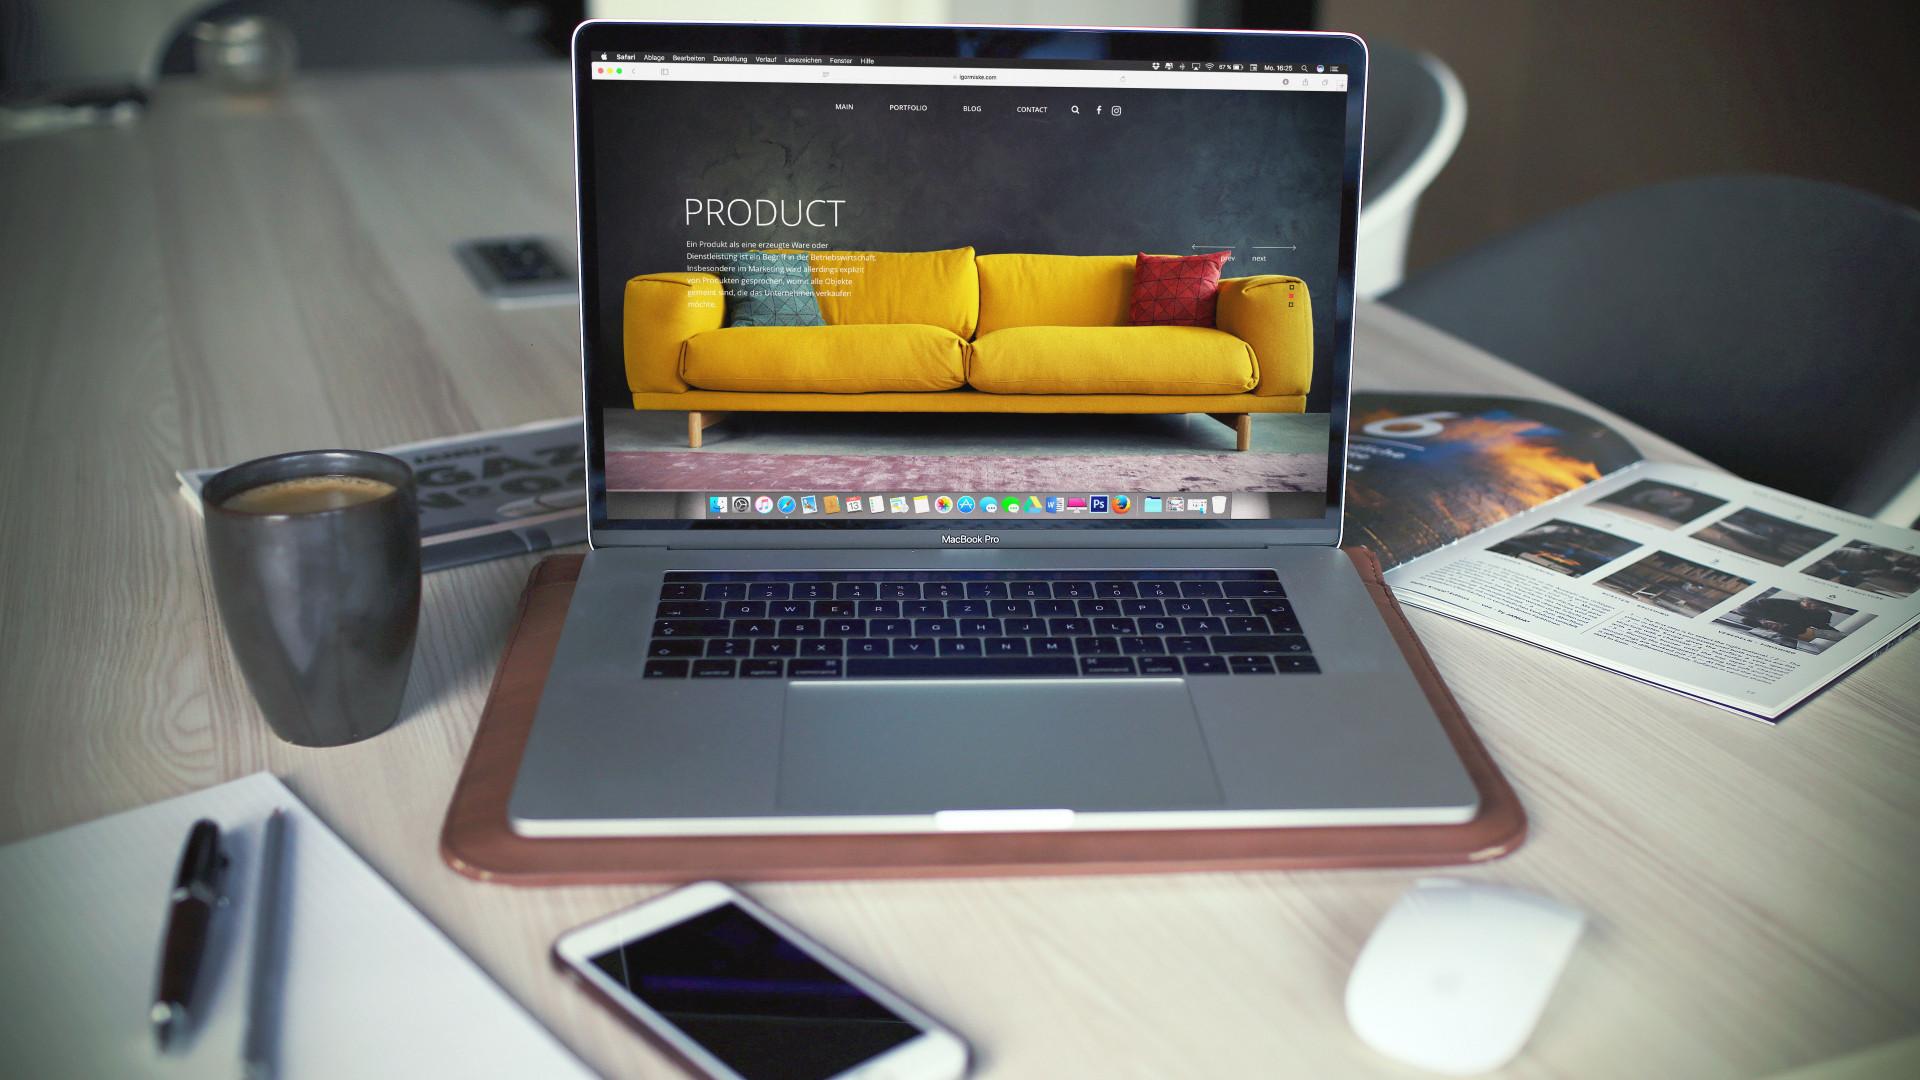 筆記本電腦,電腦,瀏覽器_colorhub.me_photos_Wl5zEQ_1920x1080.jpeg